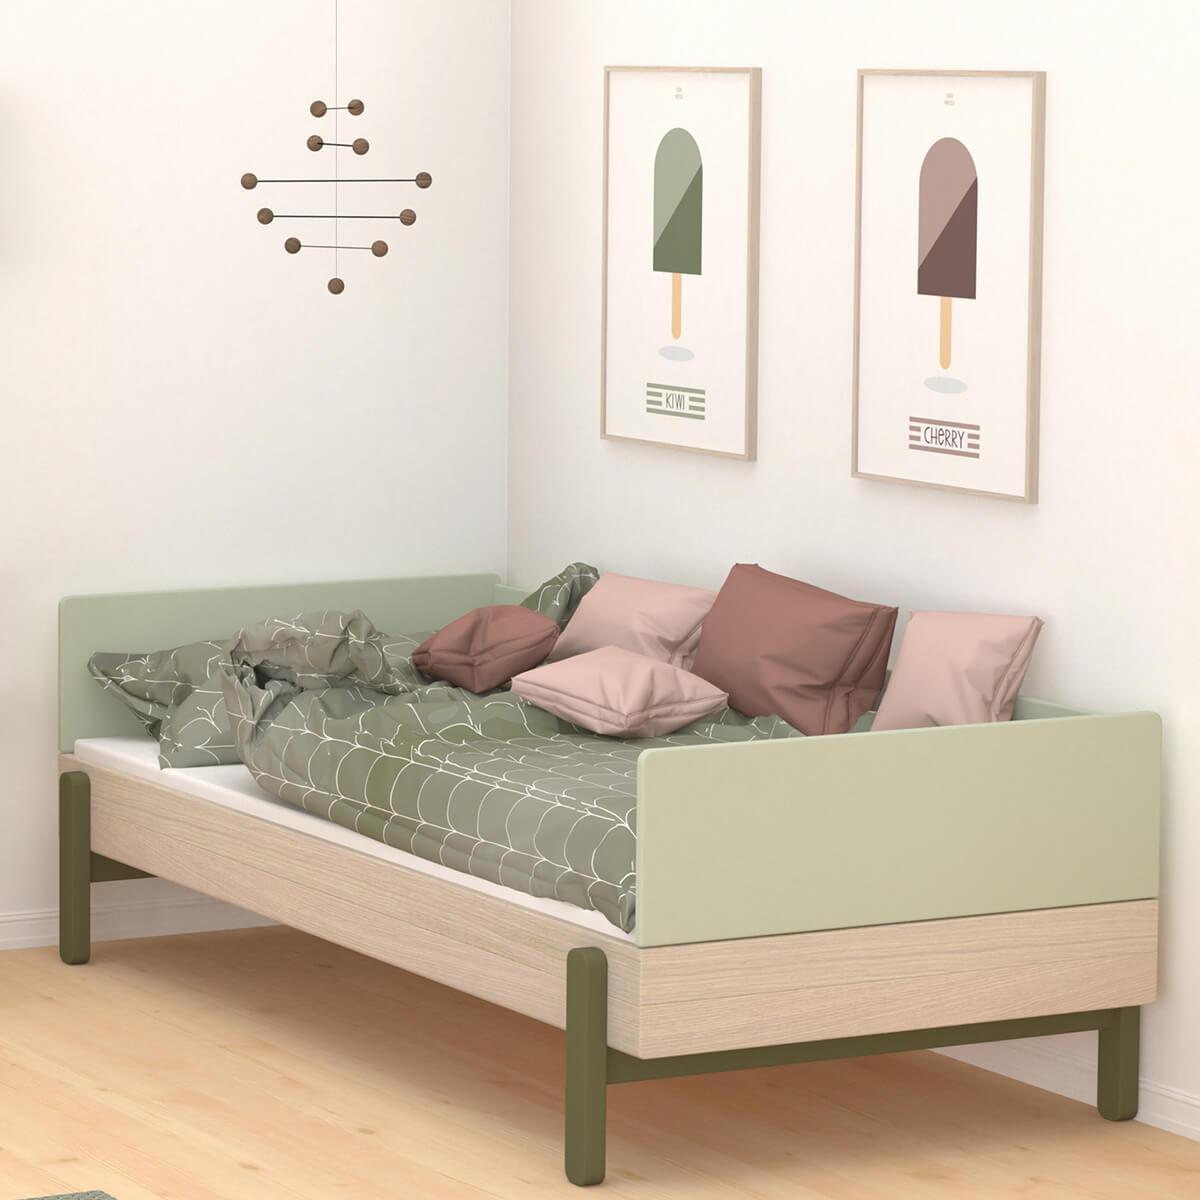 Sofabett 120x200cm POPSICLE Flexa Eiche-cherry